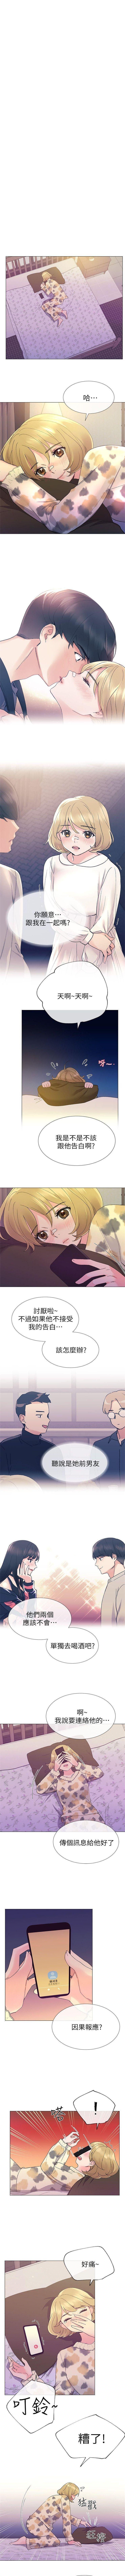 重考生 1-44 中文翻译(更新中) 119